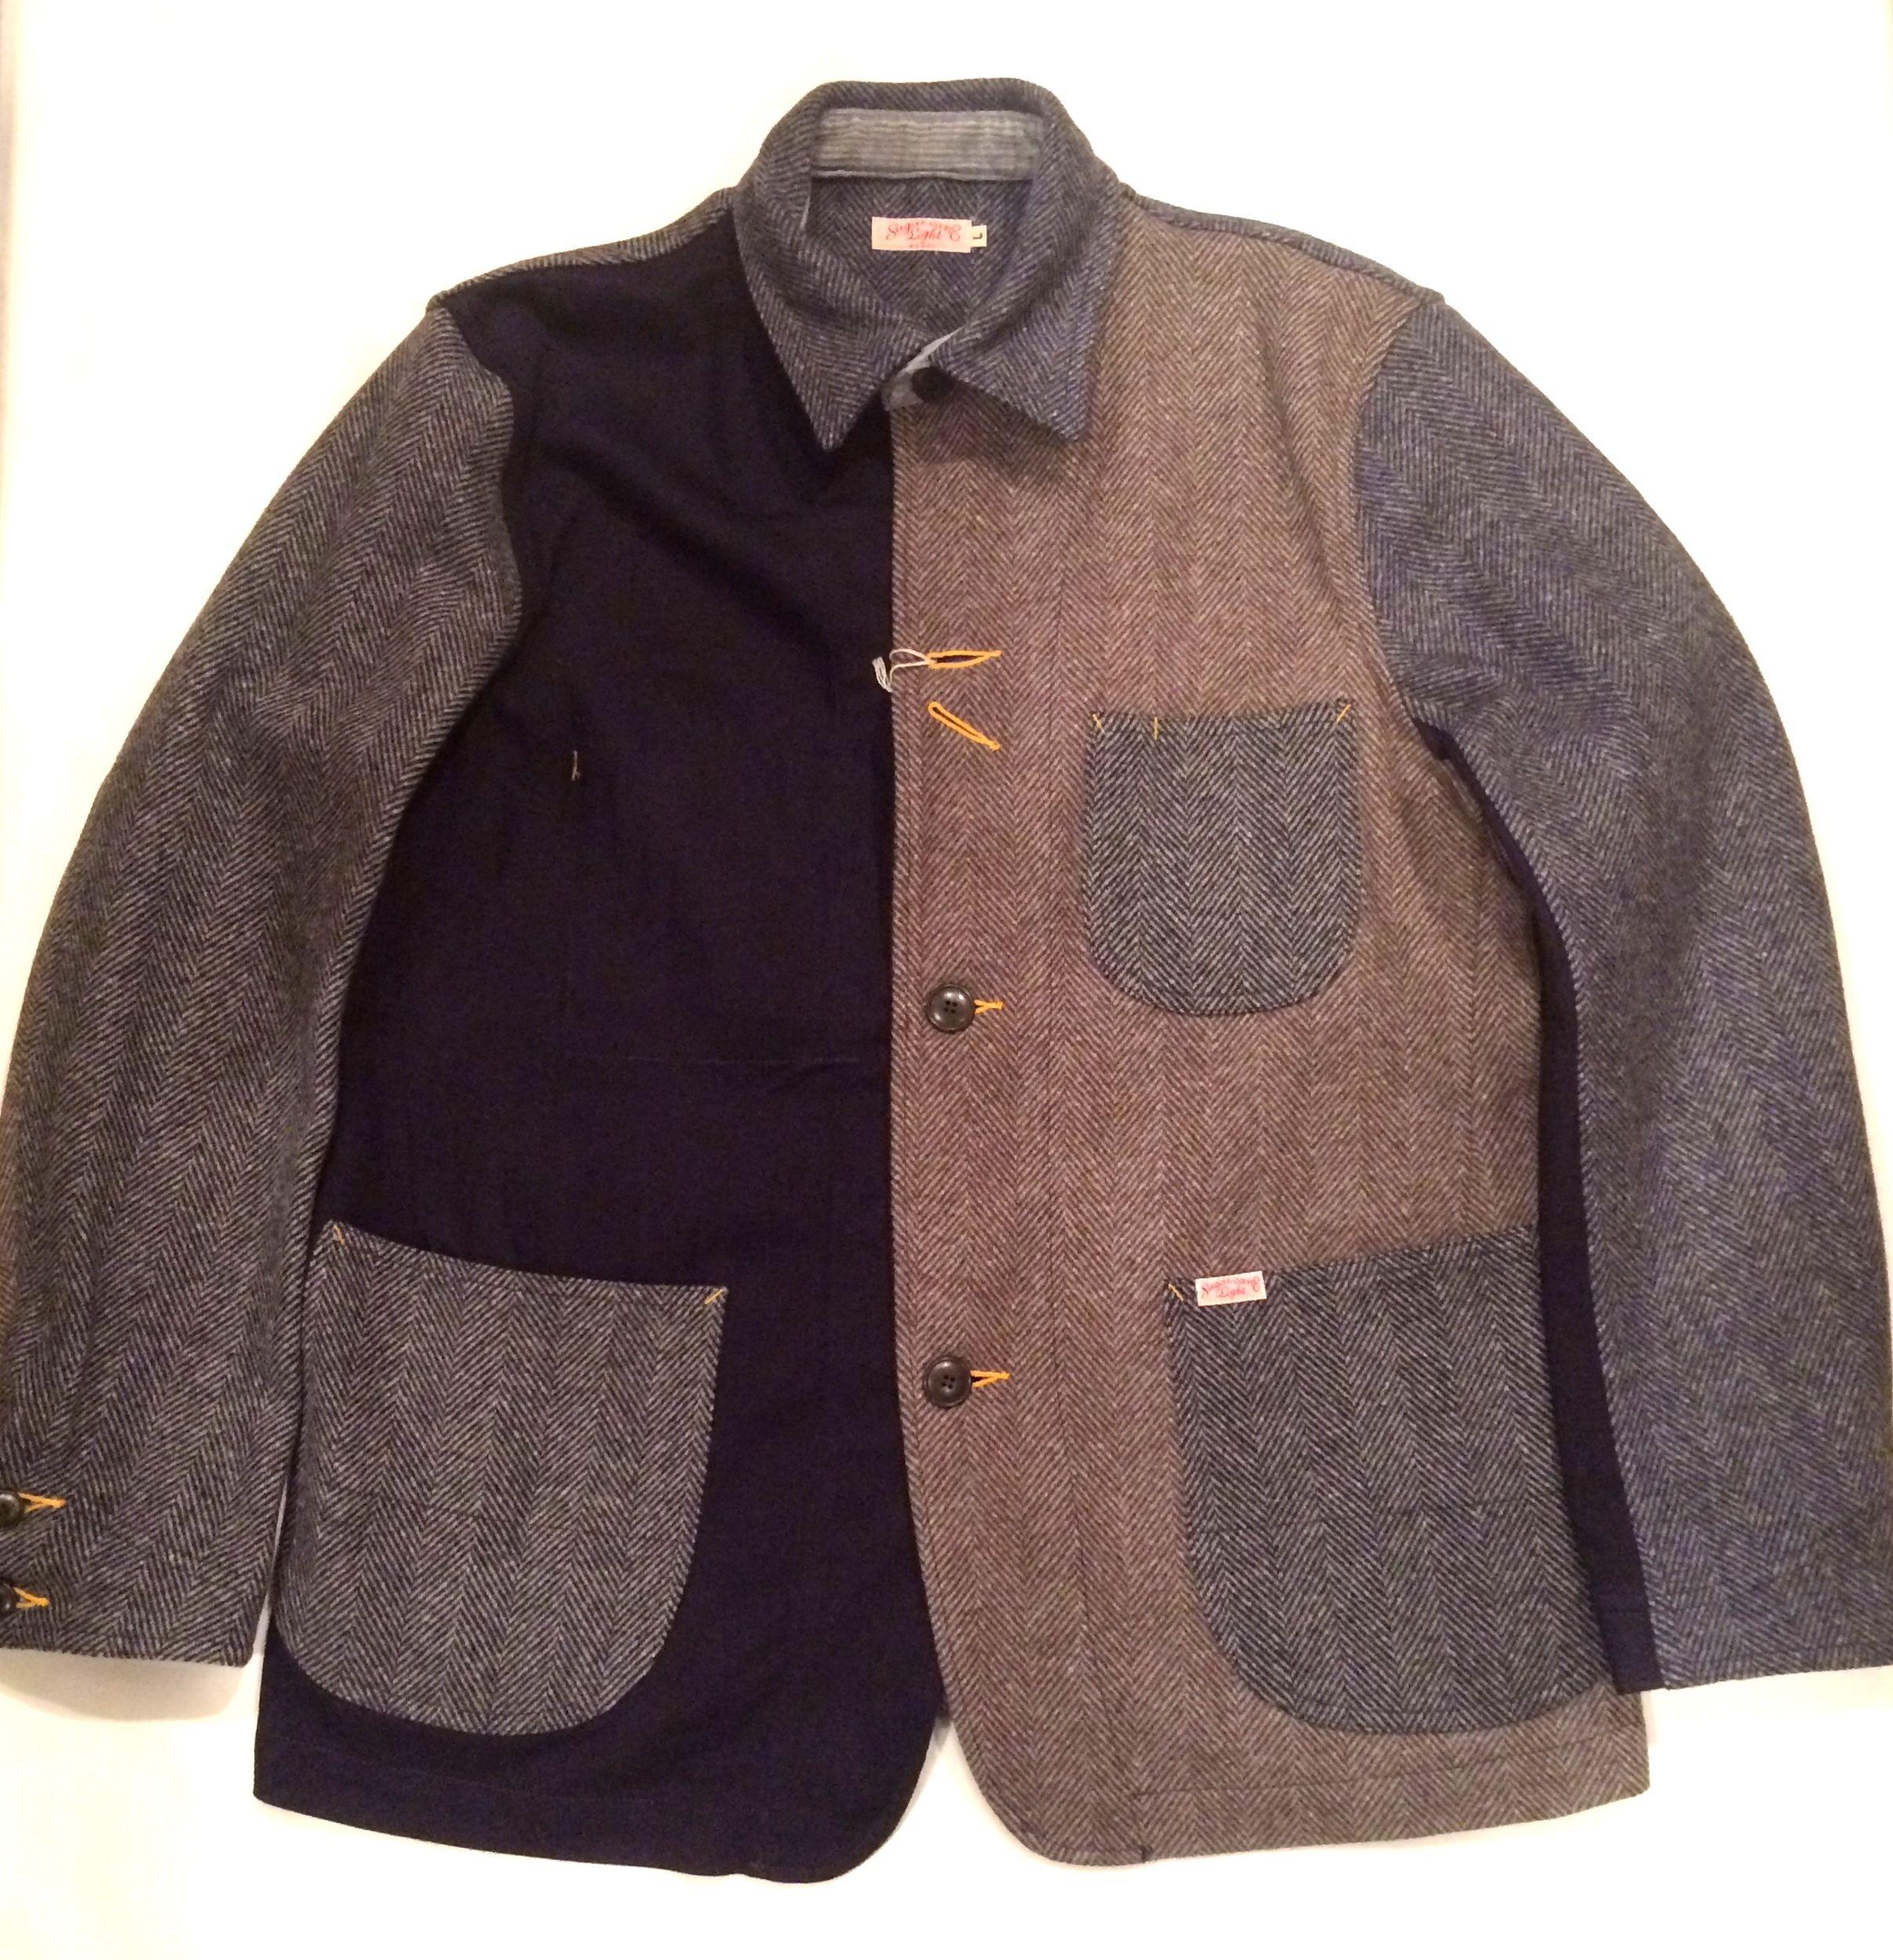 シュガーケーンライト 東洋 SC13732 クレイジーワークジャケット Wool denim x Wool herringbone crazy work jacket SUGAR CANE Light